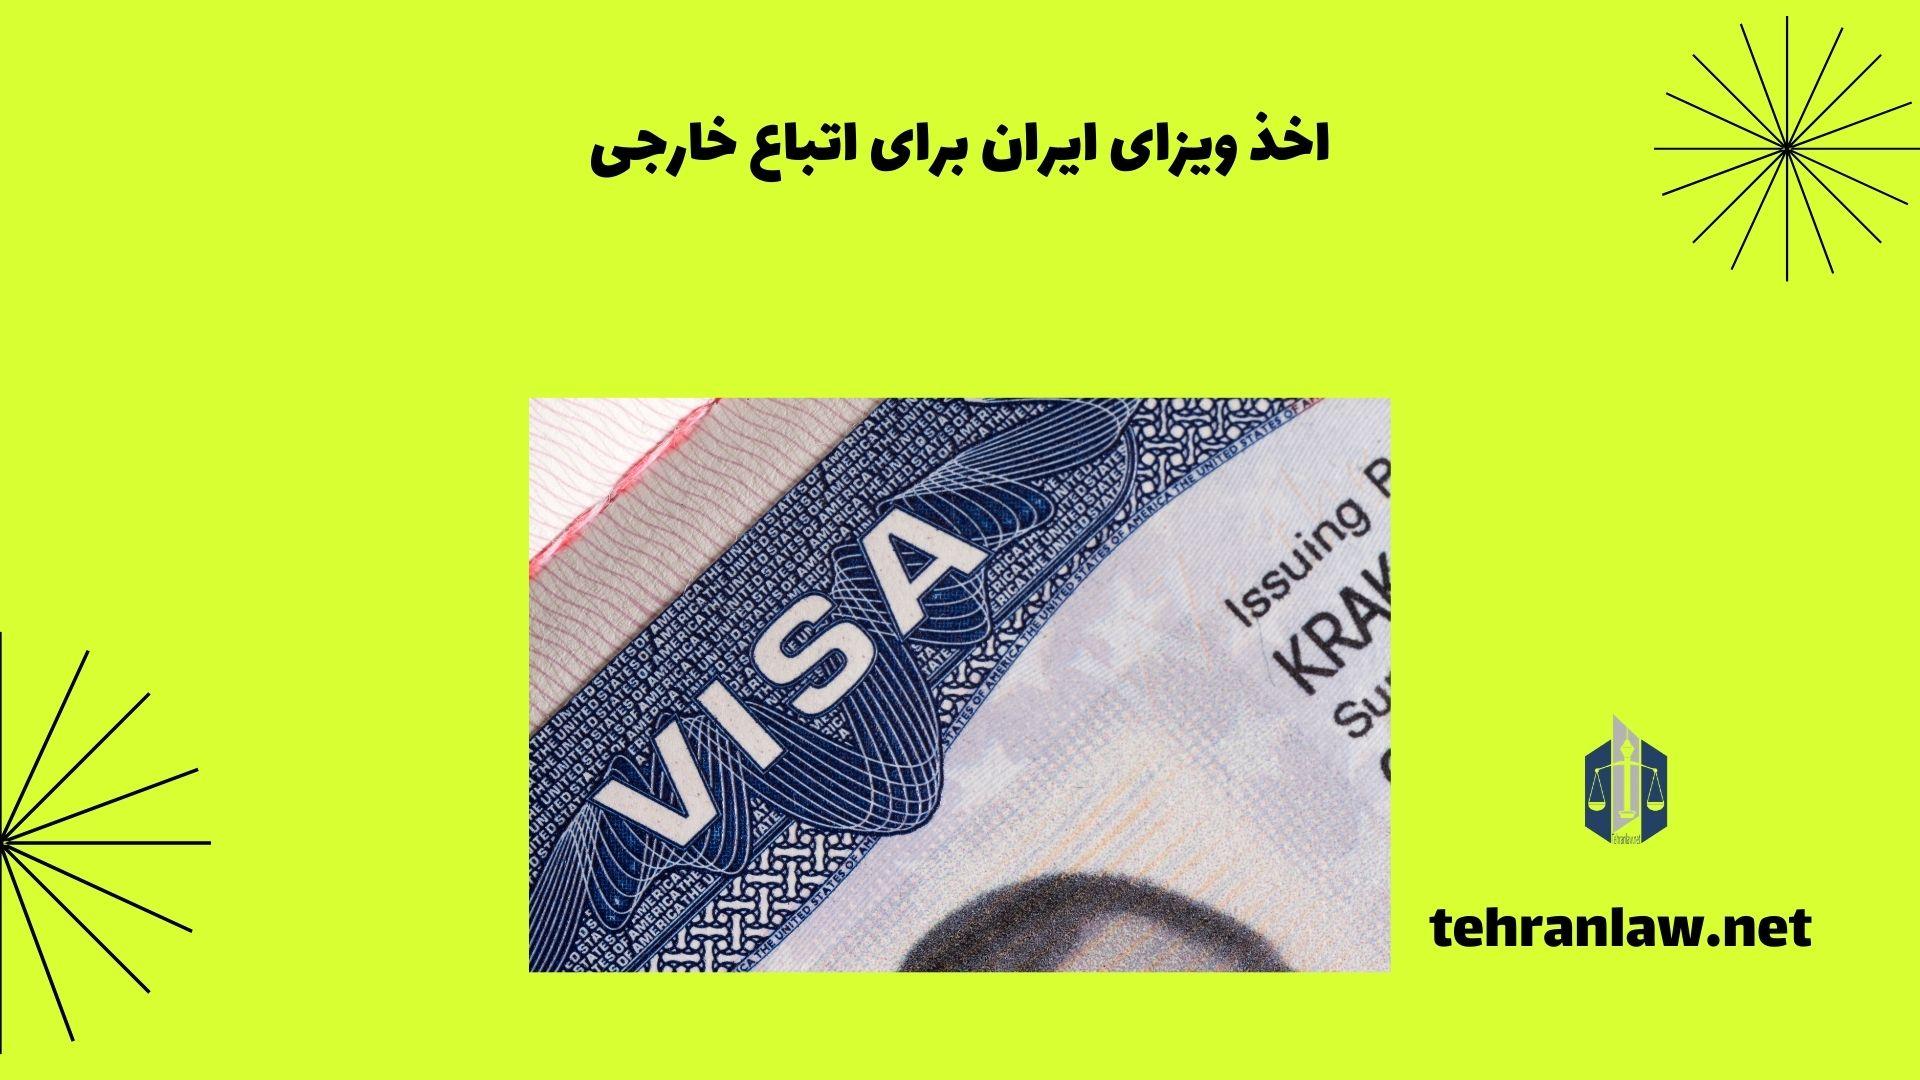 اخذ ویزای ایران برای اتباع خارجی